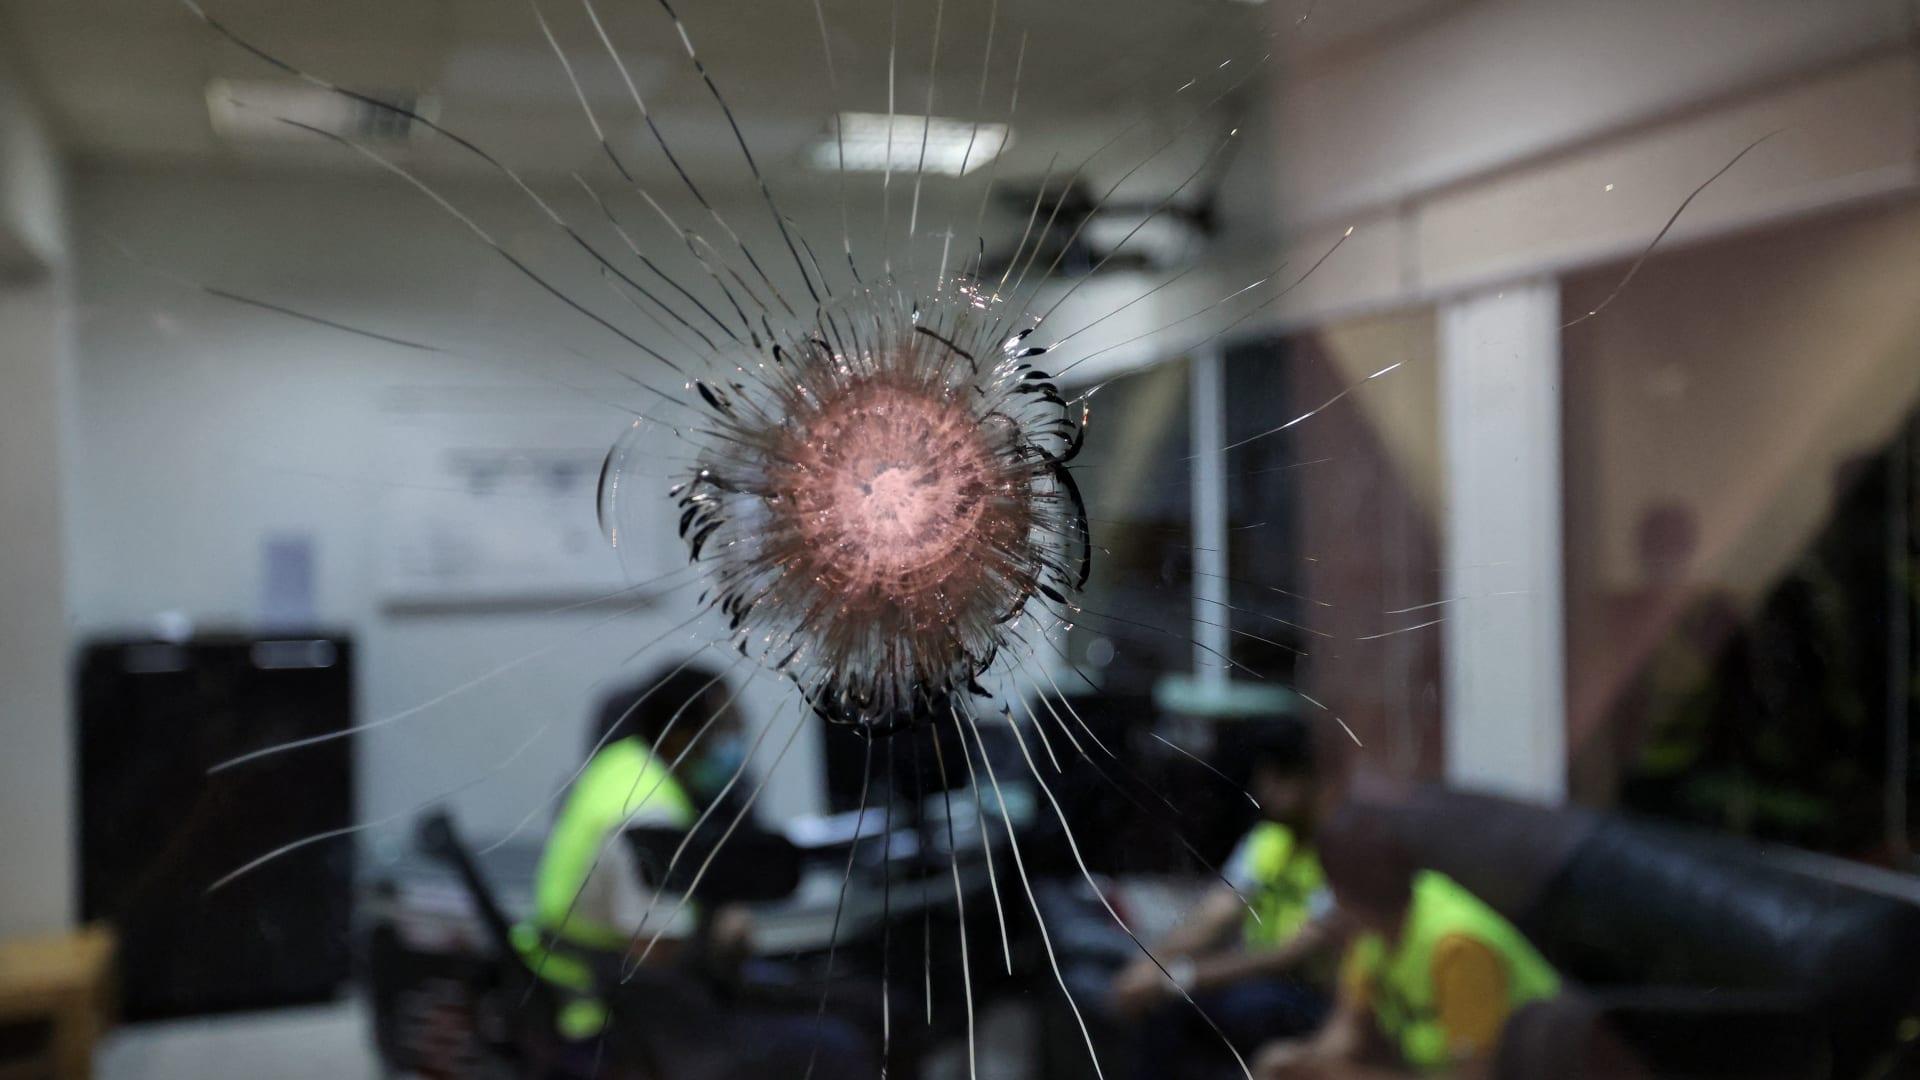 صورة لموظفين سعوديين خلف شظايا زجاج مثقوب بمطار أبها في 31 أغسطس بعد هجوم بطائرة مسيرة على المطار